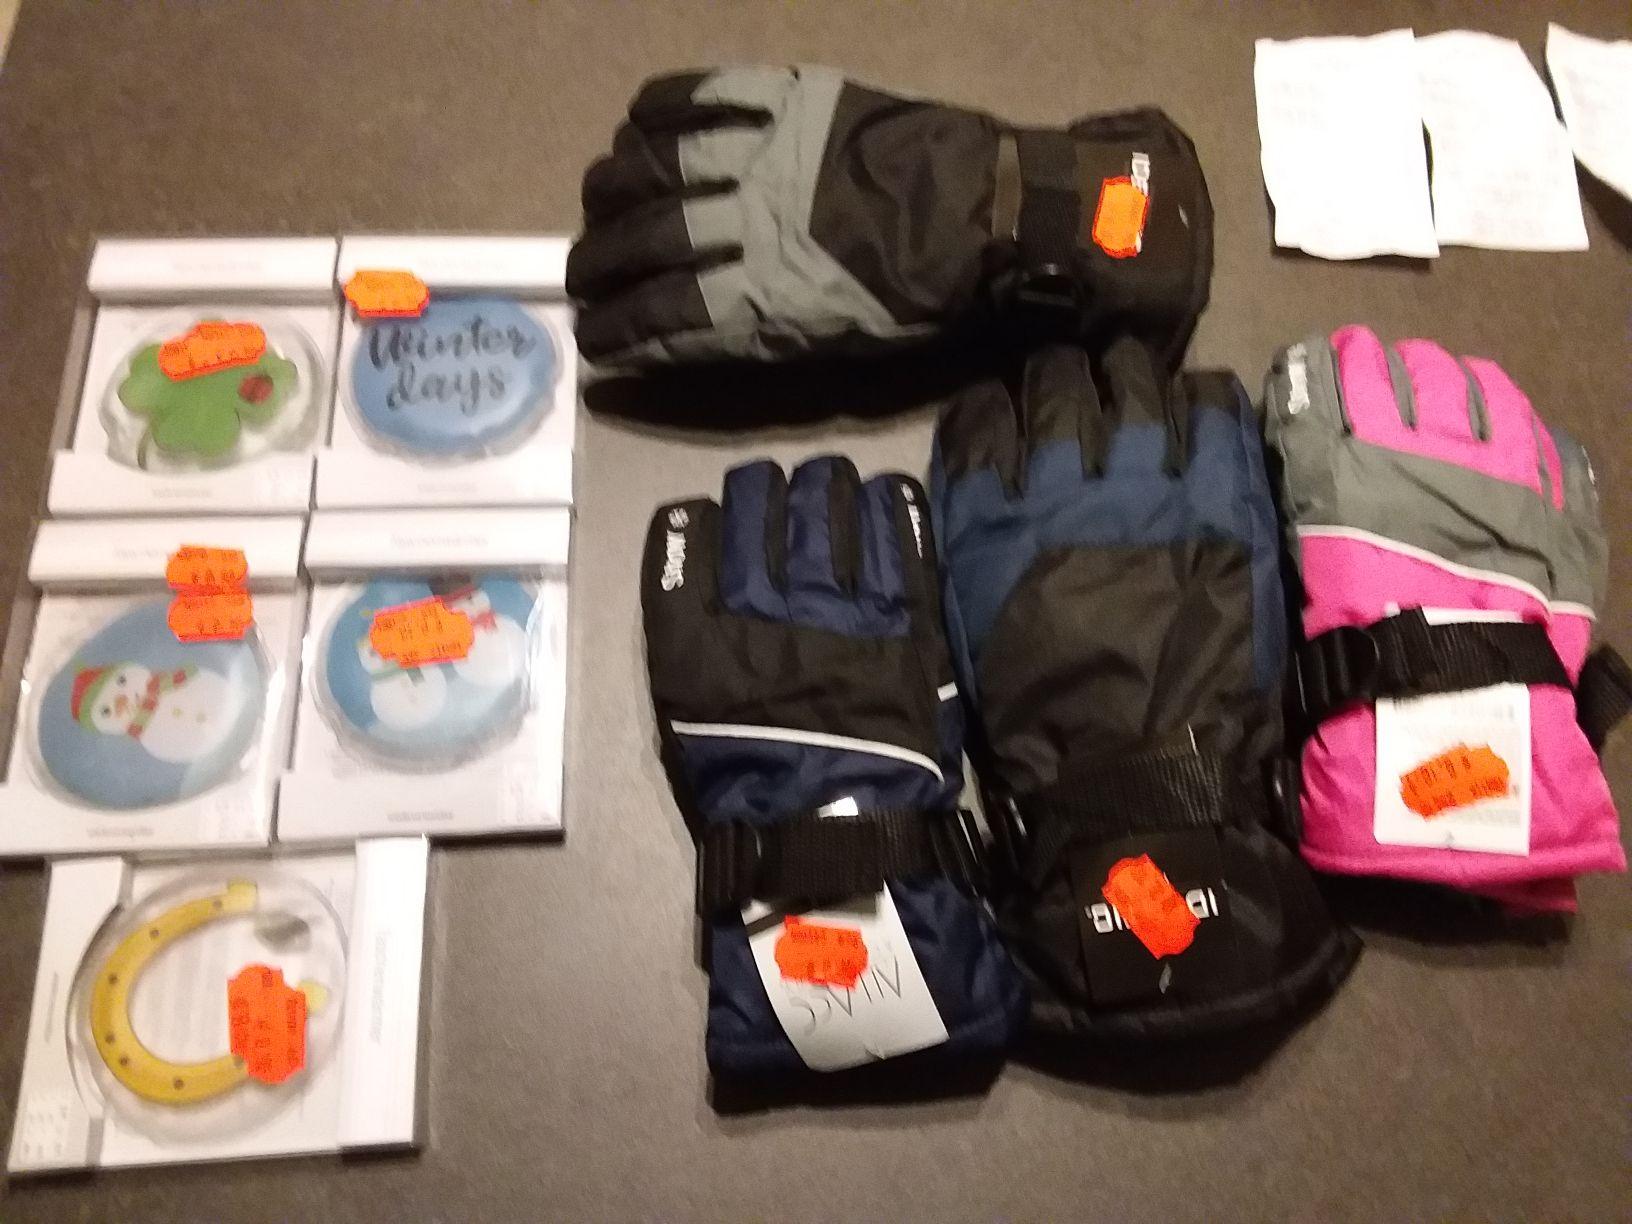 Diverse handschoenen, sjaals, mutsen, handwarmers, kinderkleding €0,10cent per stuk/paar [Lokaal Kik Dronten]